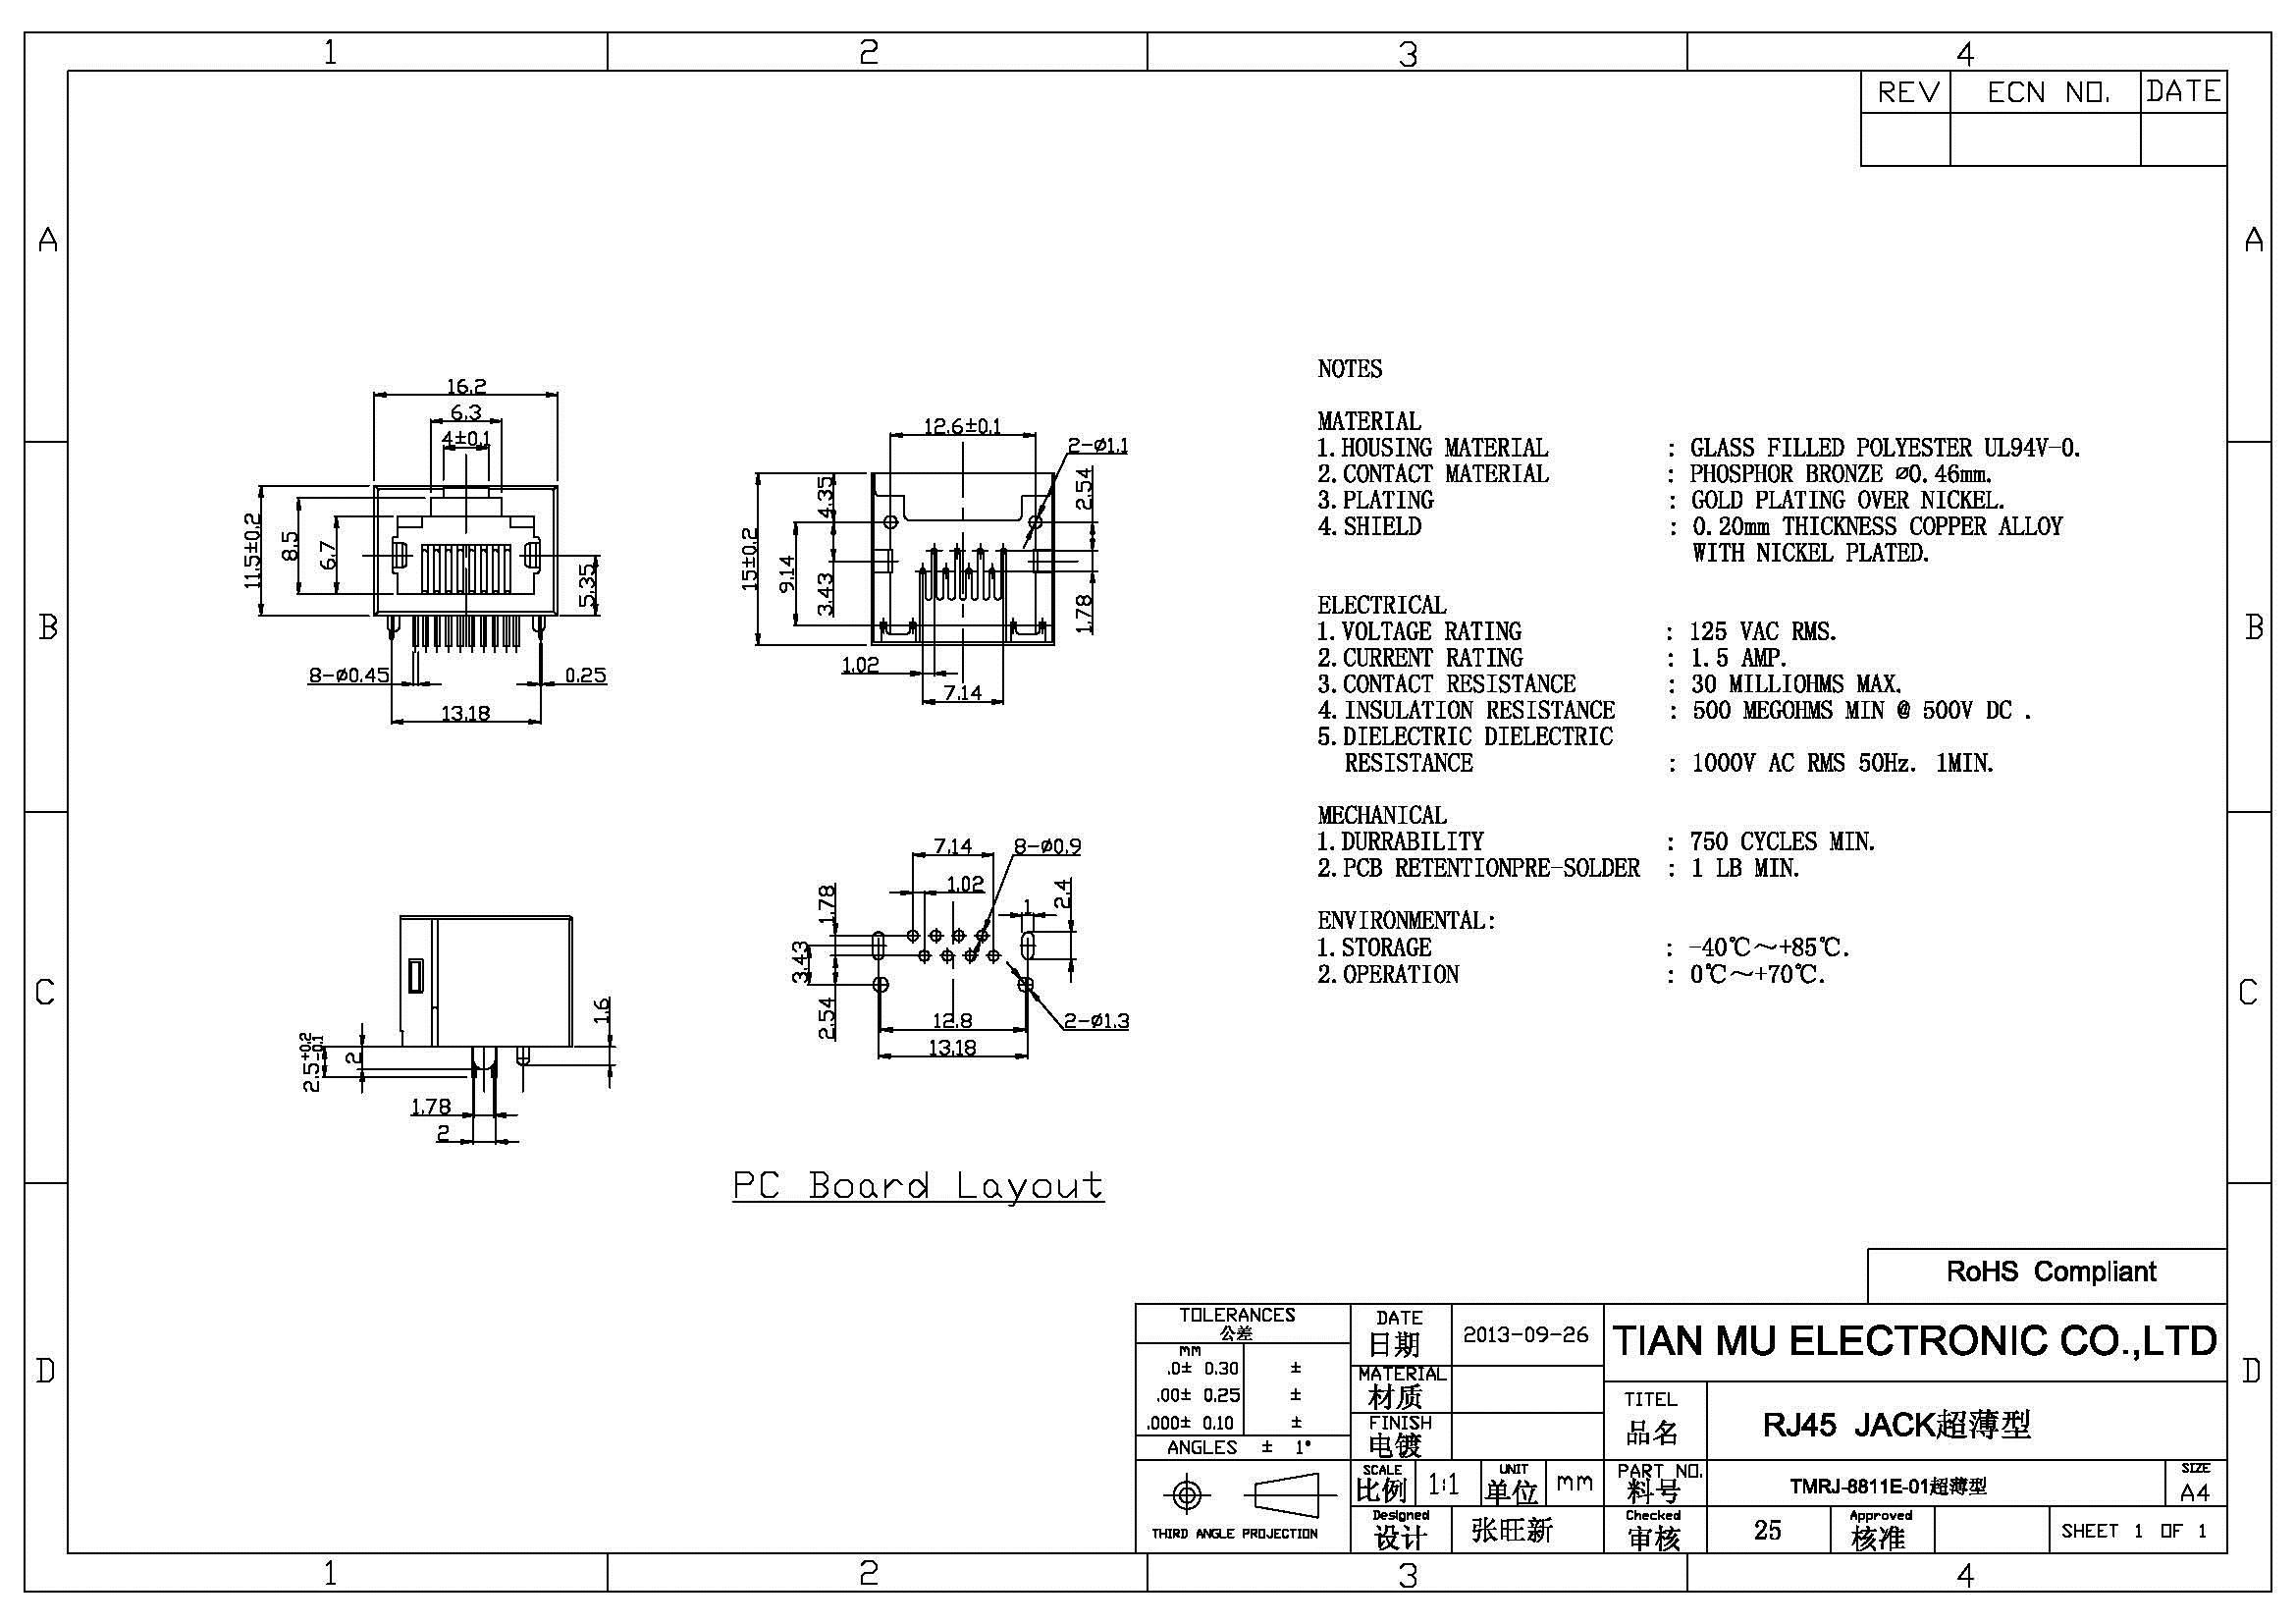 网络插座屏蔽|RJ45网络插座超薄型(TM-5JE8811E-W 超薄型)|超薄RJ11/RJ45JACK|SMTRJ45JACK|网线连接器|电话网络插座|电脑连接线|PCB插座|滤波器|以太网接口-天睦电子:400-0081-145